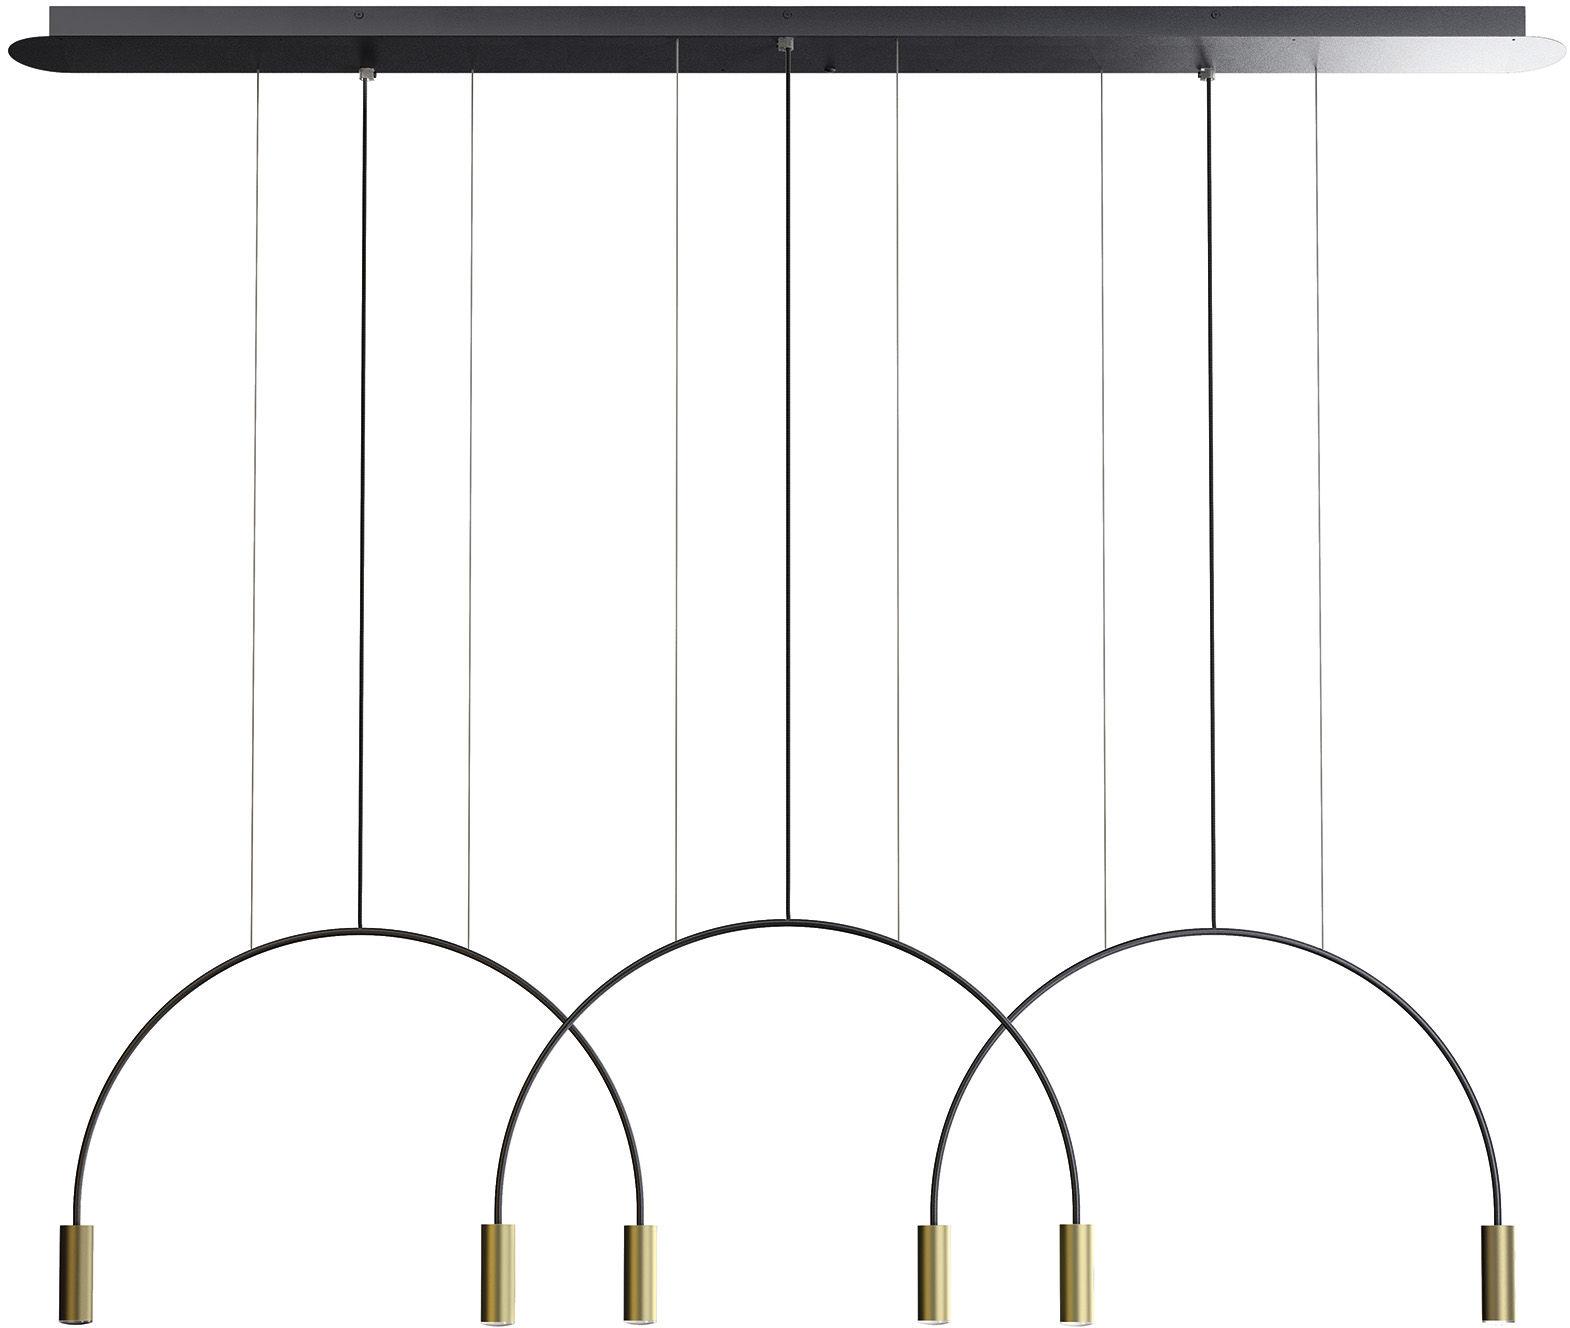 Lampa wisząca Volta L165.3D Estiluz dekoracyjna oprawa w nowoczesnym stylu